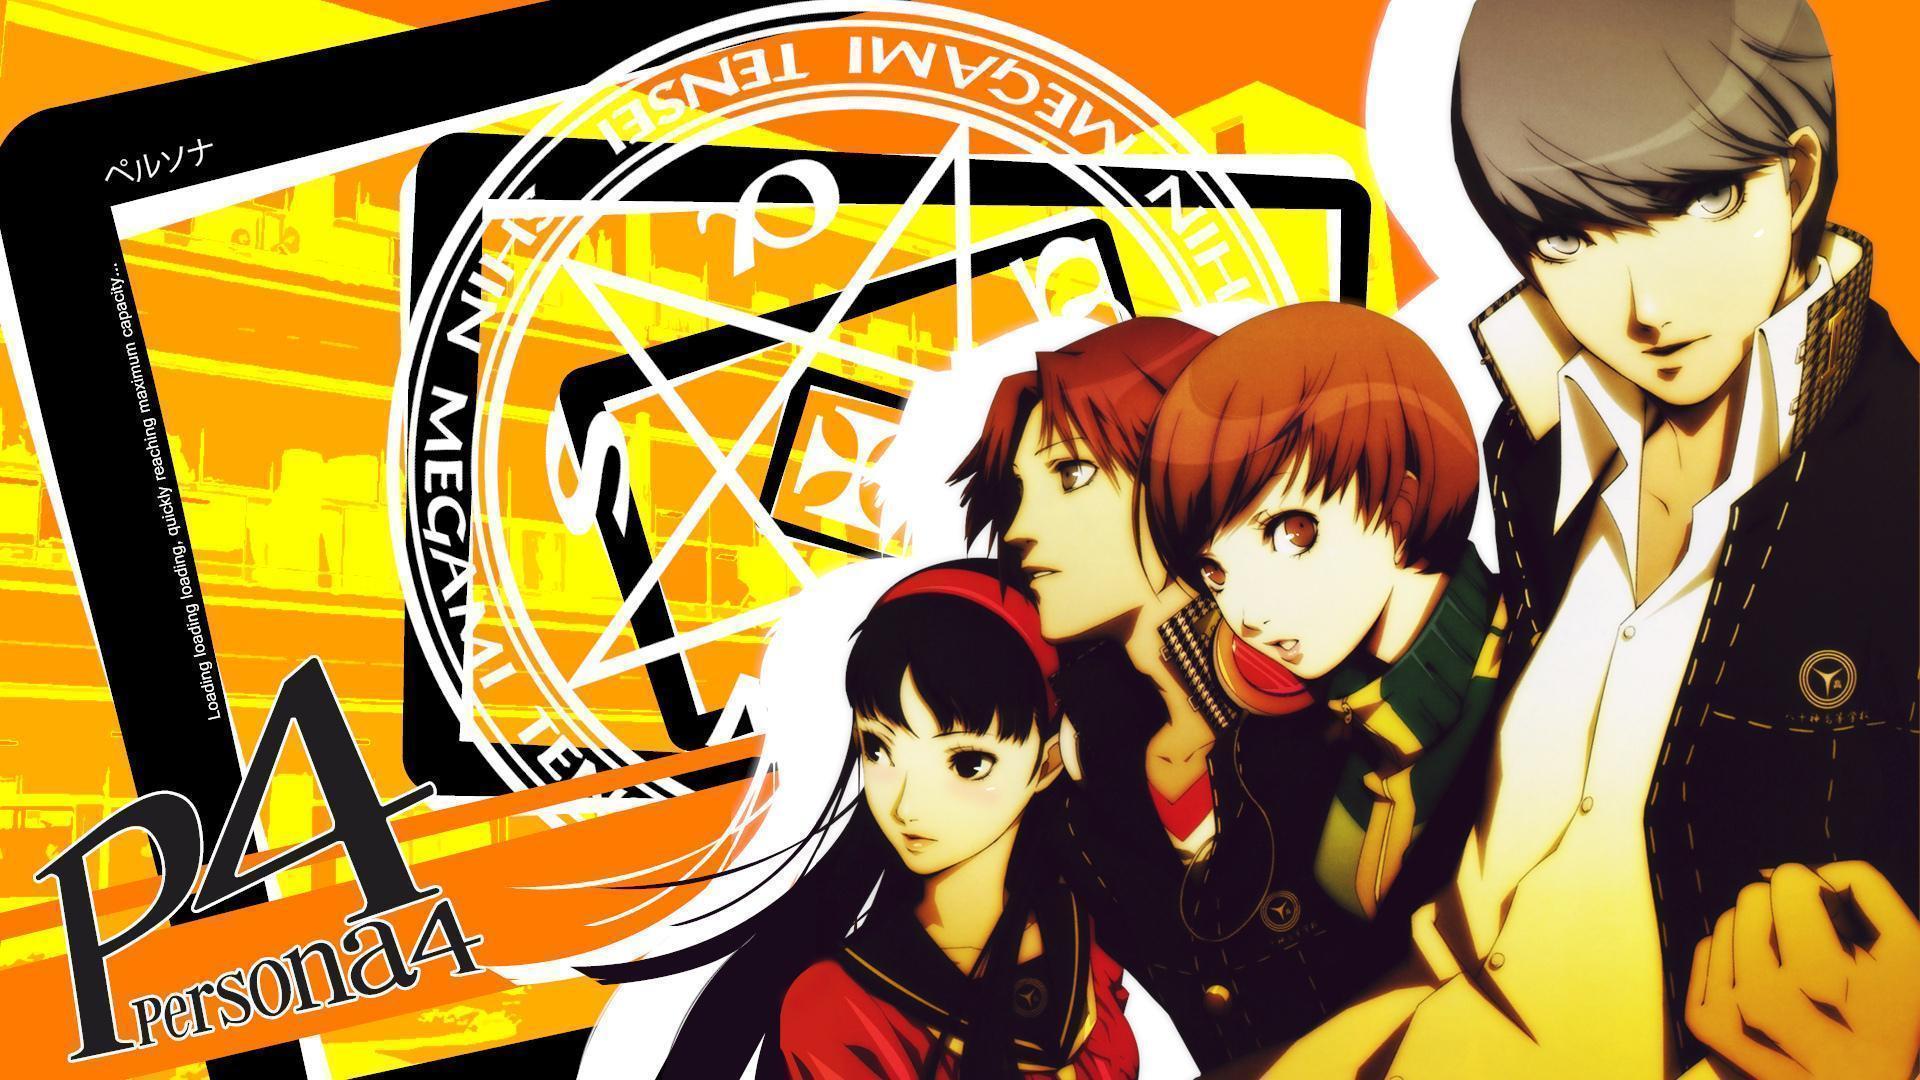 Rise Persona 4 Wallpaper